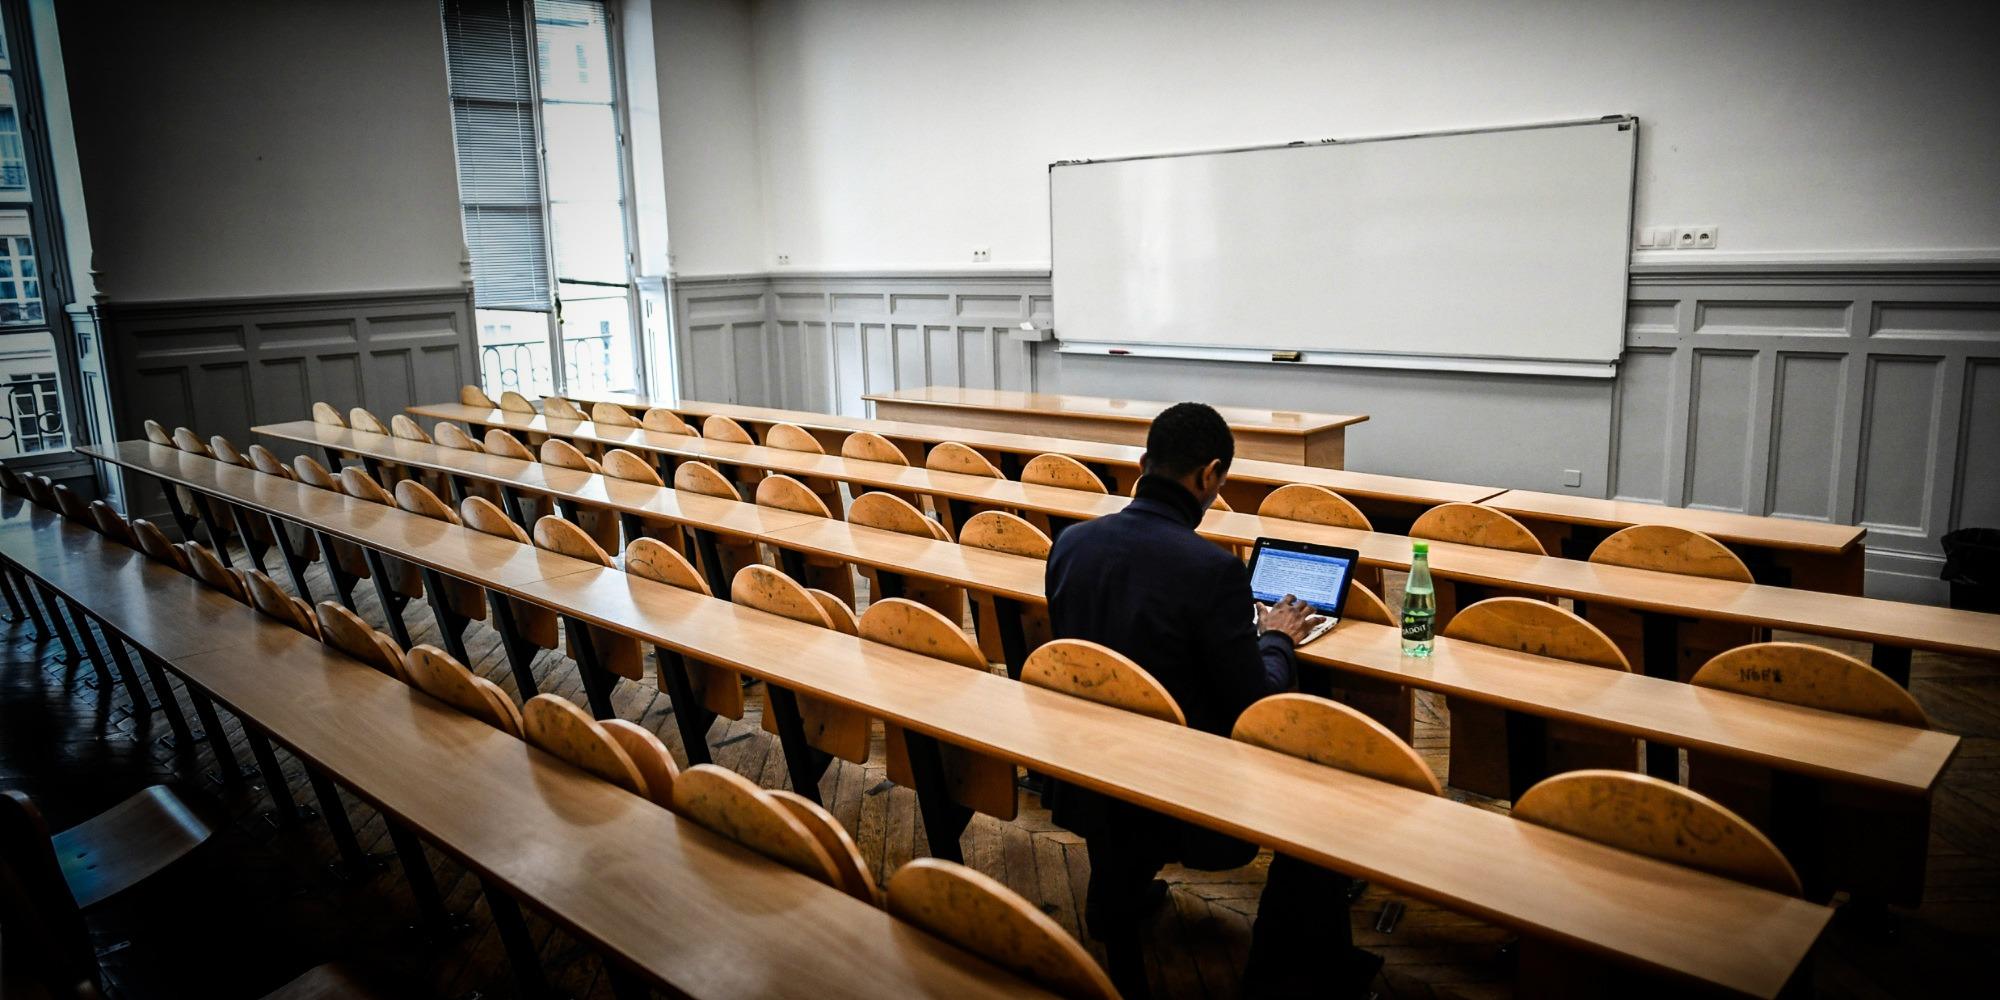 Les étudiants de retour en demi-groupe à la fac, entre soulagement et inquiétude